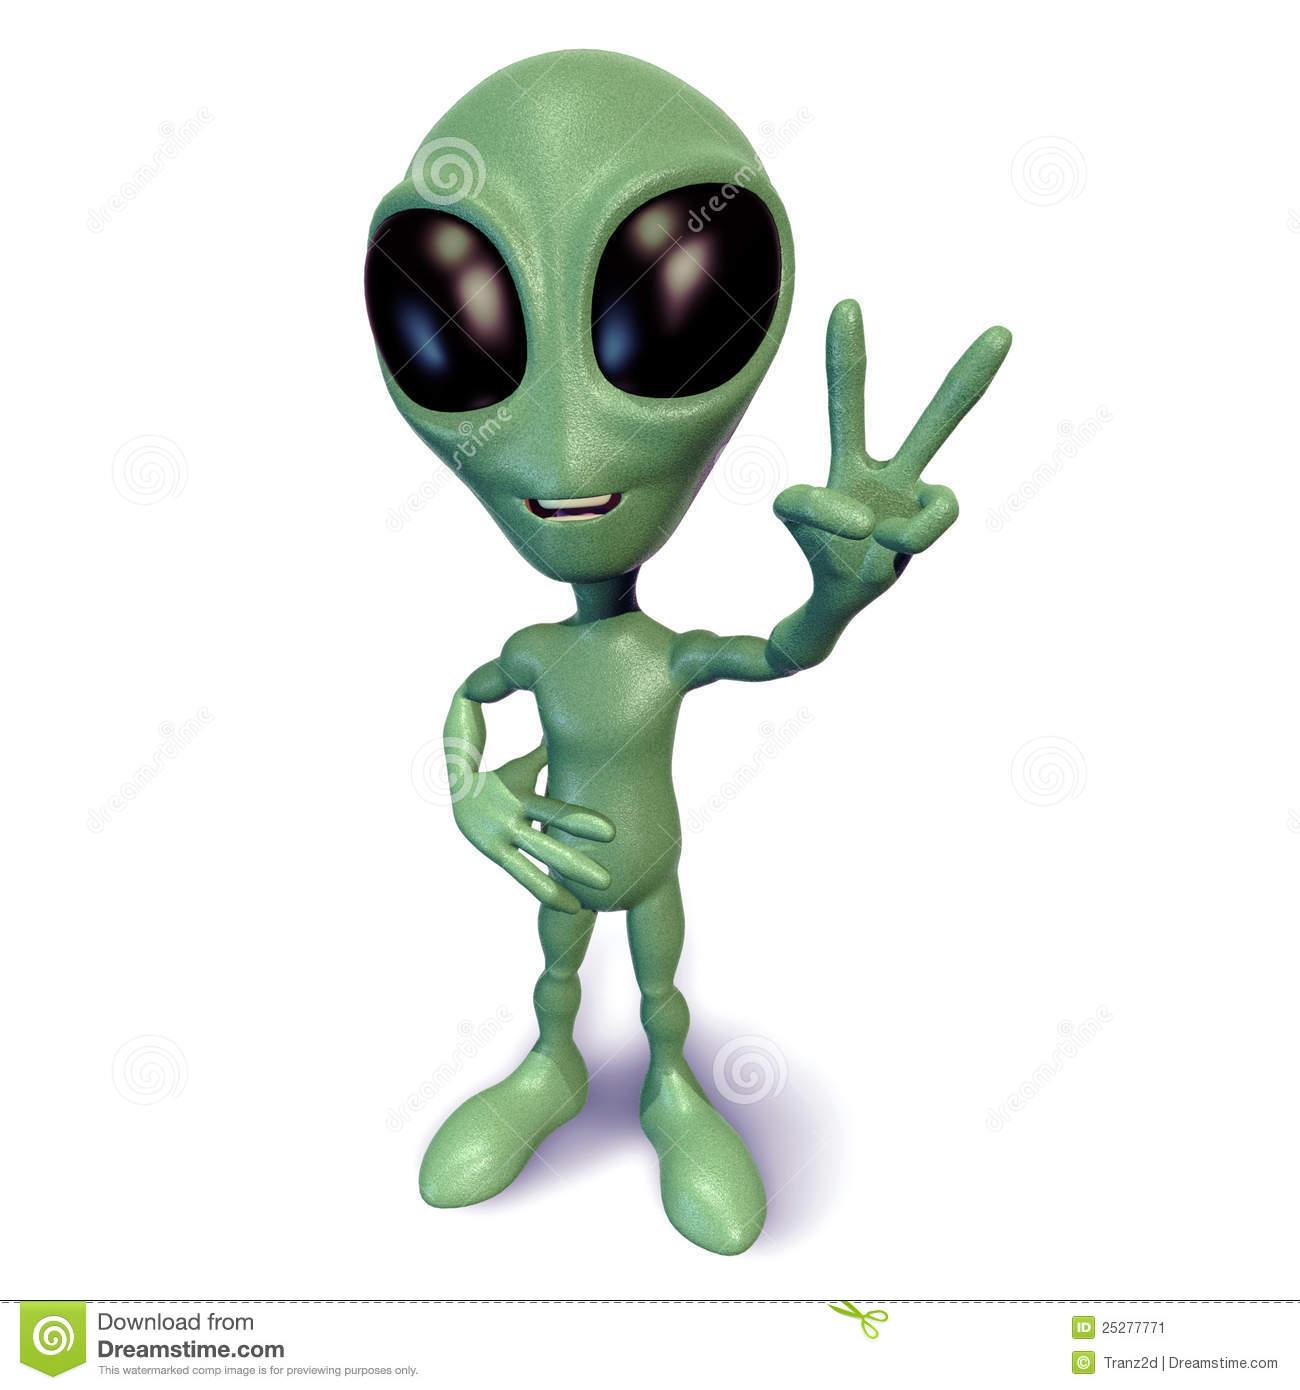 little-green-alien-gesturing-peace-25277771.jpg